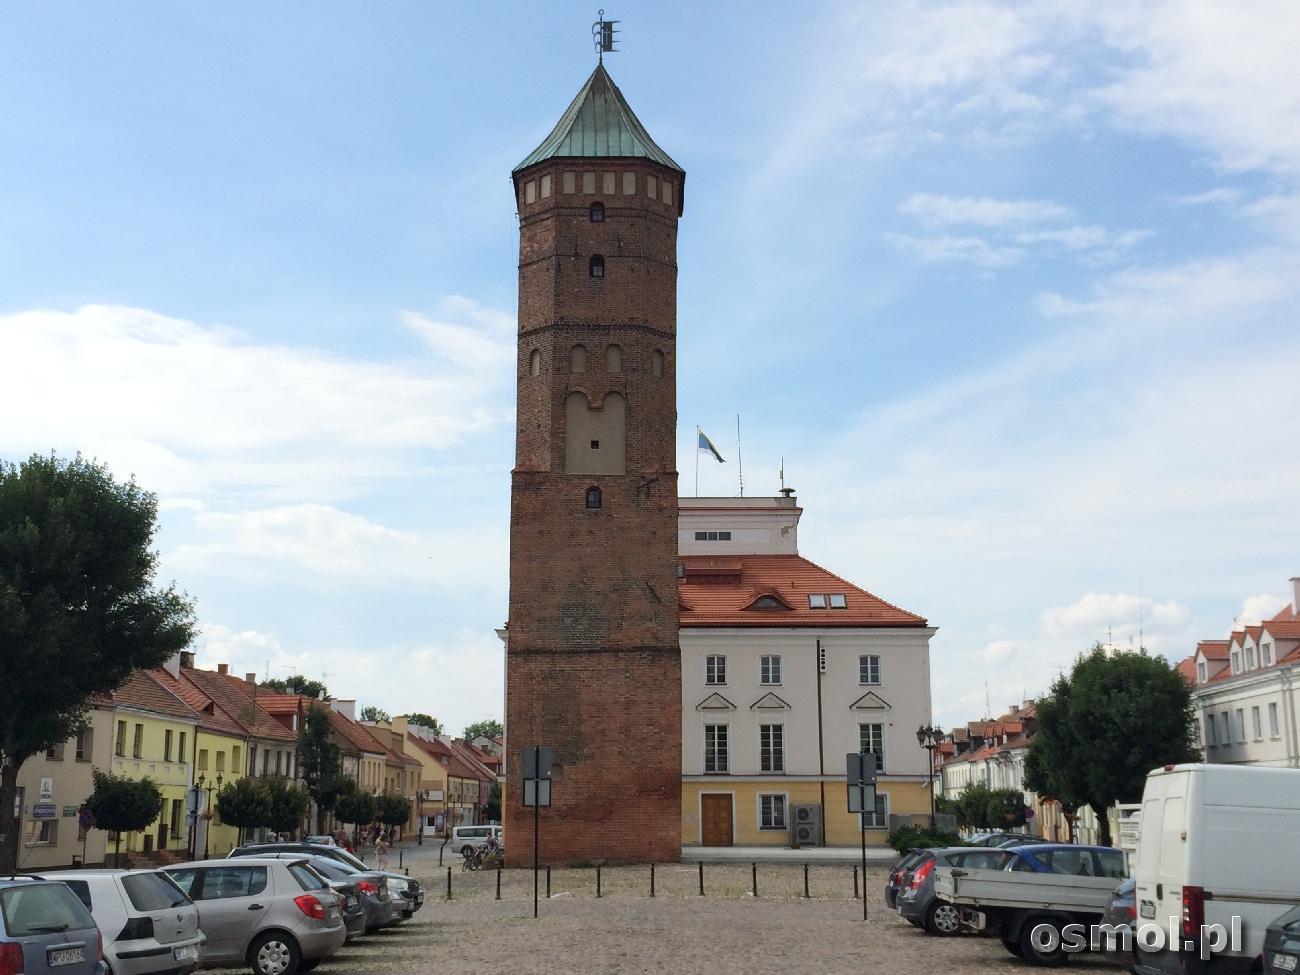 Wieża ratuszowa widziane od strony Domu Polonii czyli dawnego zamku.